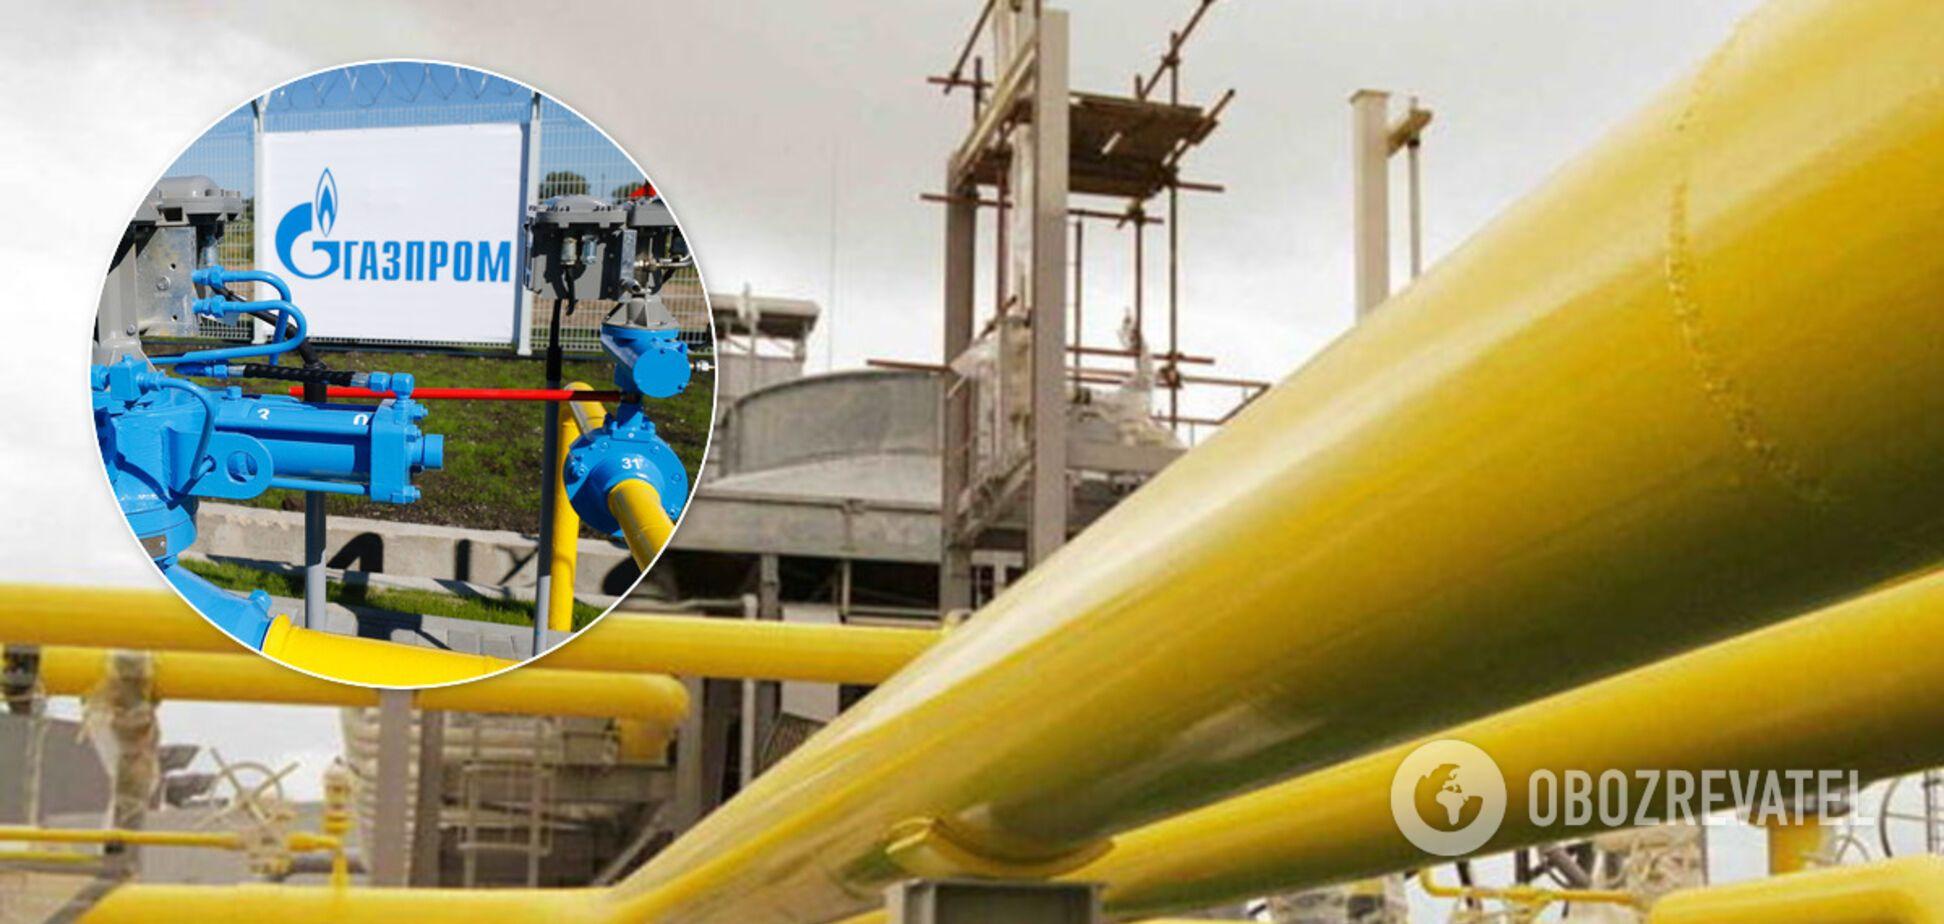 Україна отримала від 'Газпрому' понад $2 млрд за транзит